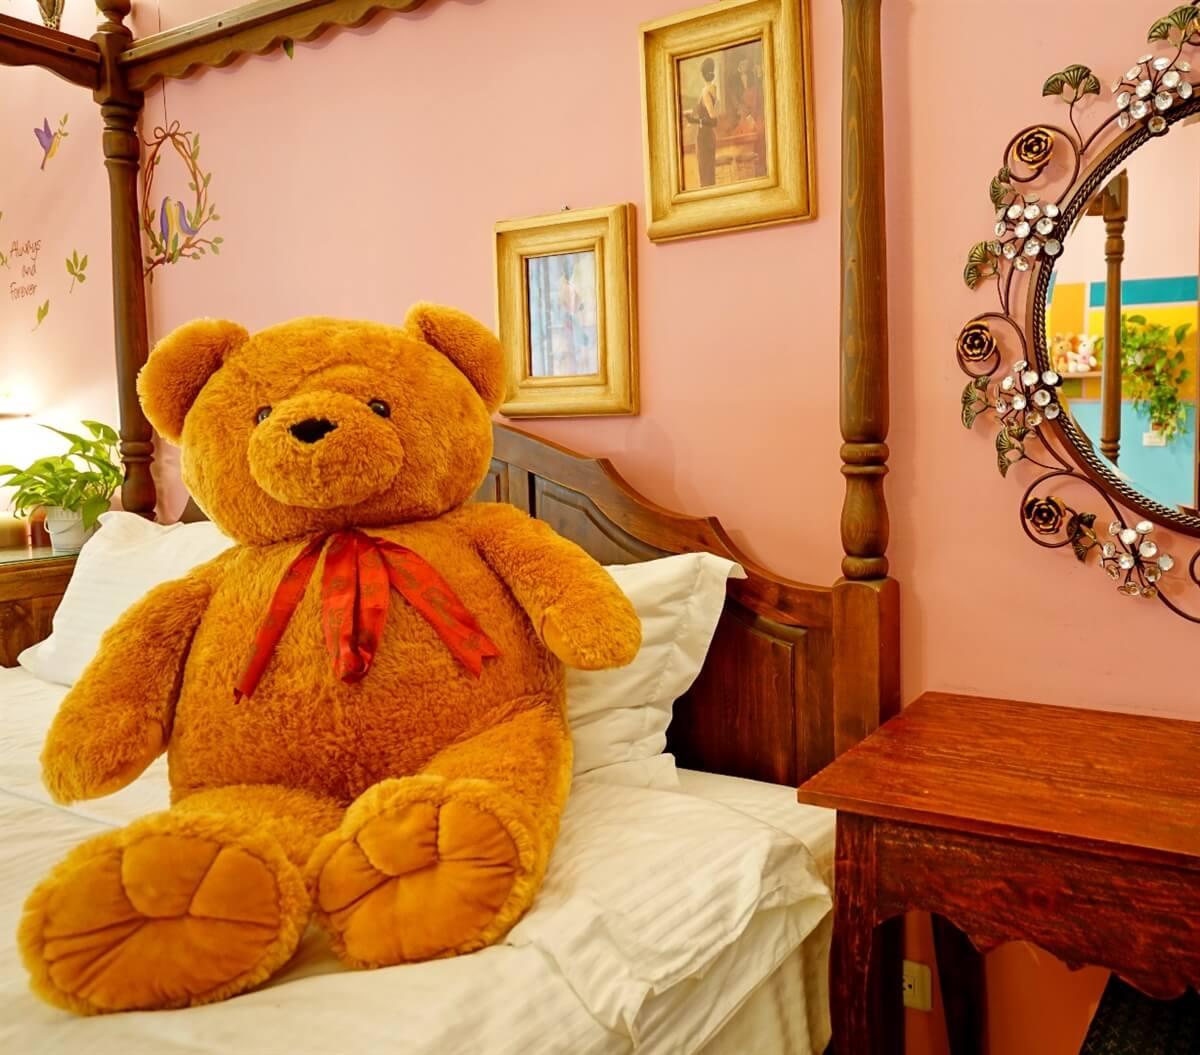 熊熊館-熊公主雙人房 相片來源:花蓮愛戀屋民宿